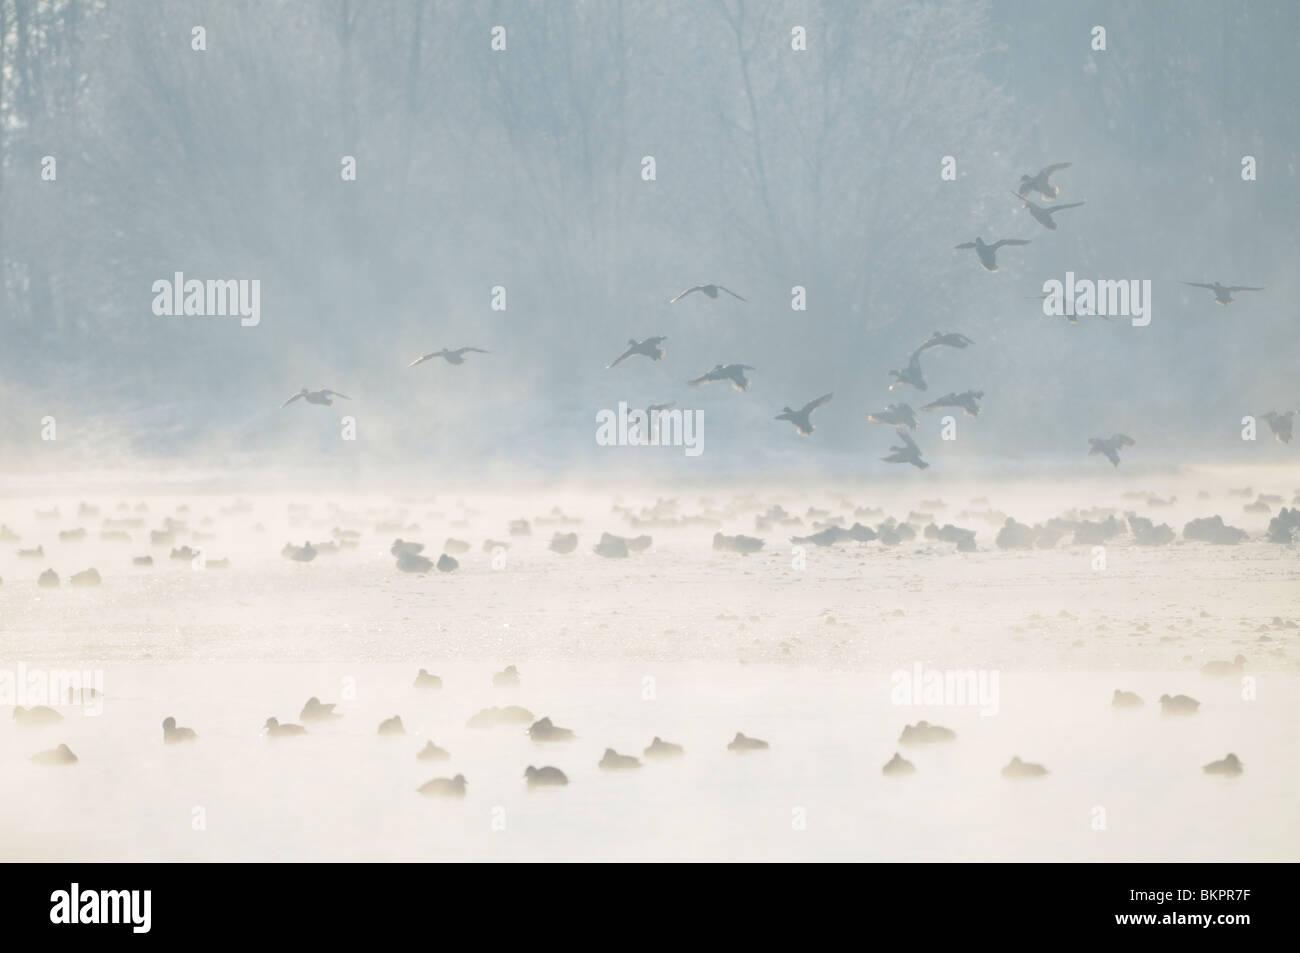 Zwemmende groep van diverse watervogels zwemmend en landend in dampend wak - Stock Image